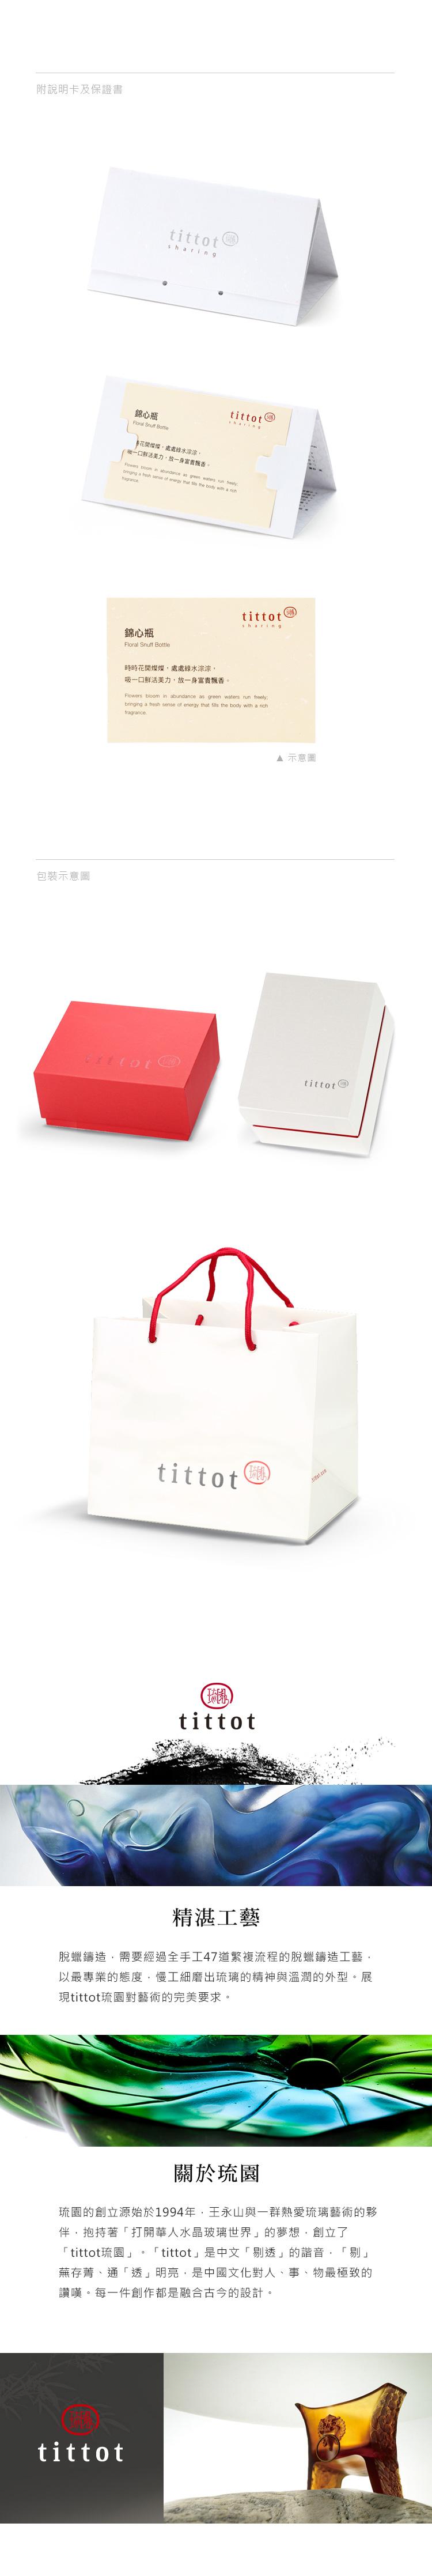 琉園 tittot 我的心情人琉璃項鍊+琉璃收藏盒